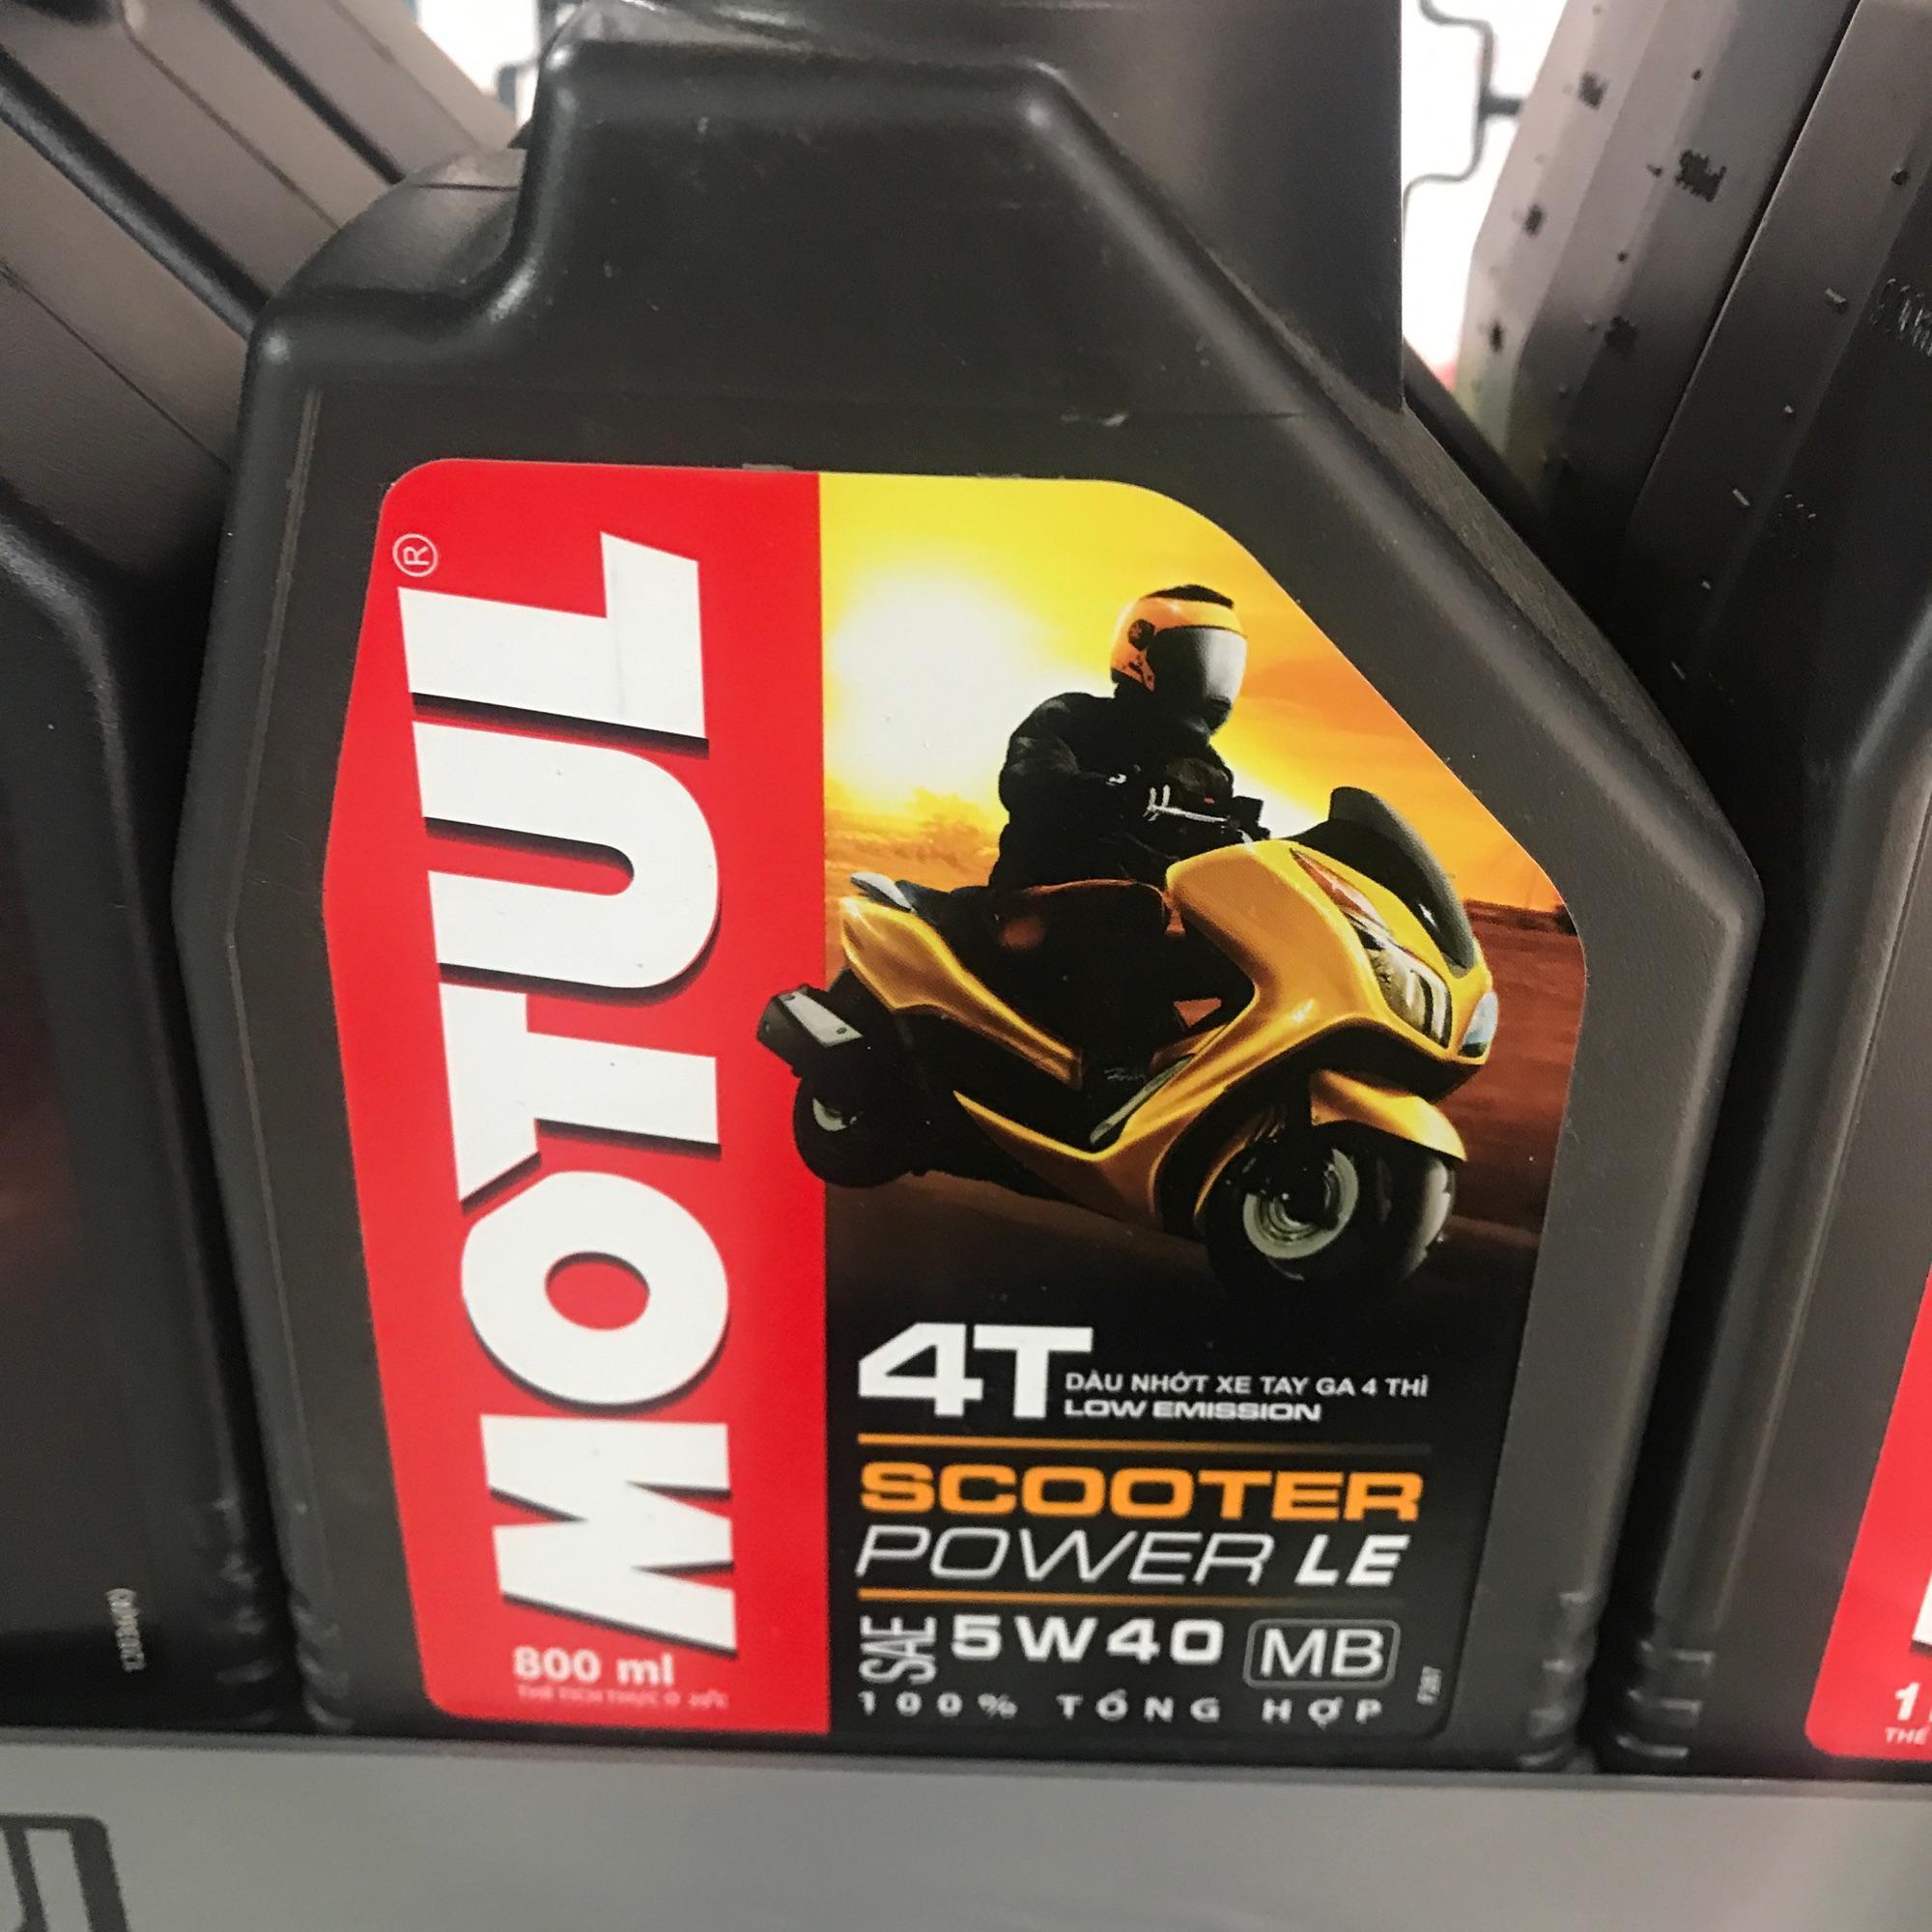 Nhớt Motul 4T Scooter Power Le 5W40 TỔNG HỢP 100% Dành Cho Xe Tay Ga Với Giá Sốc